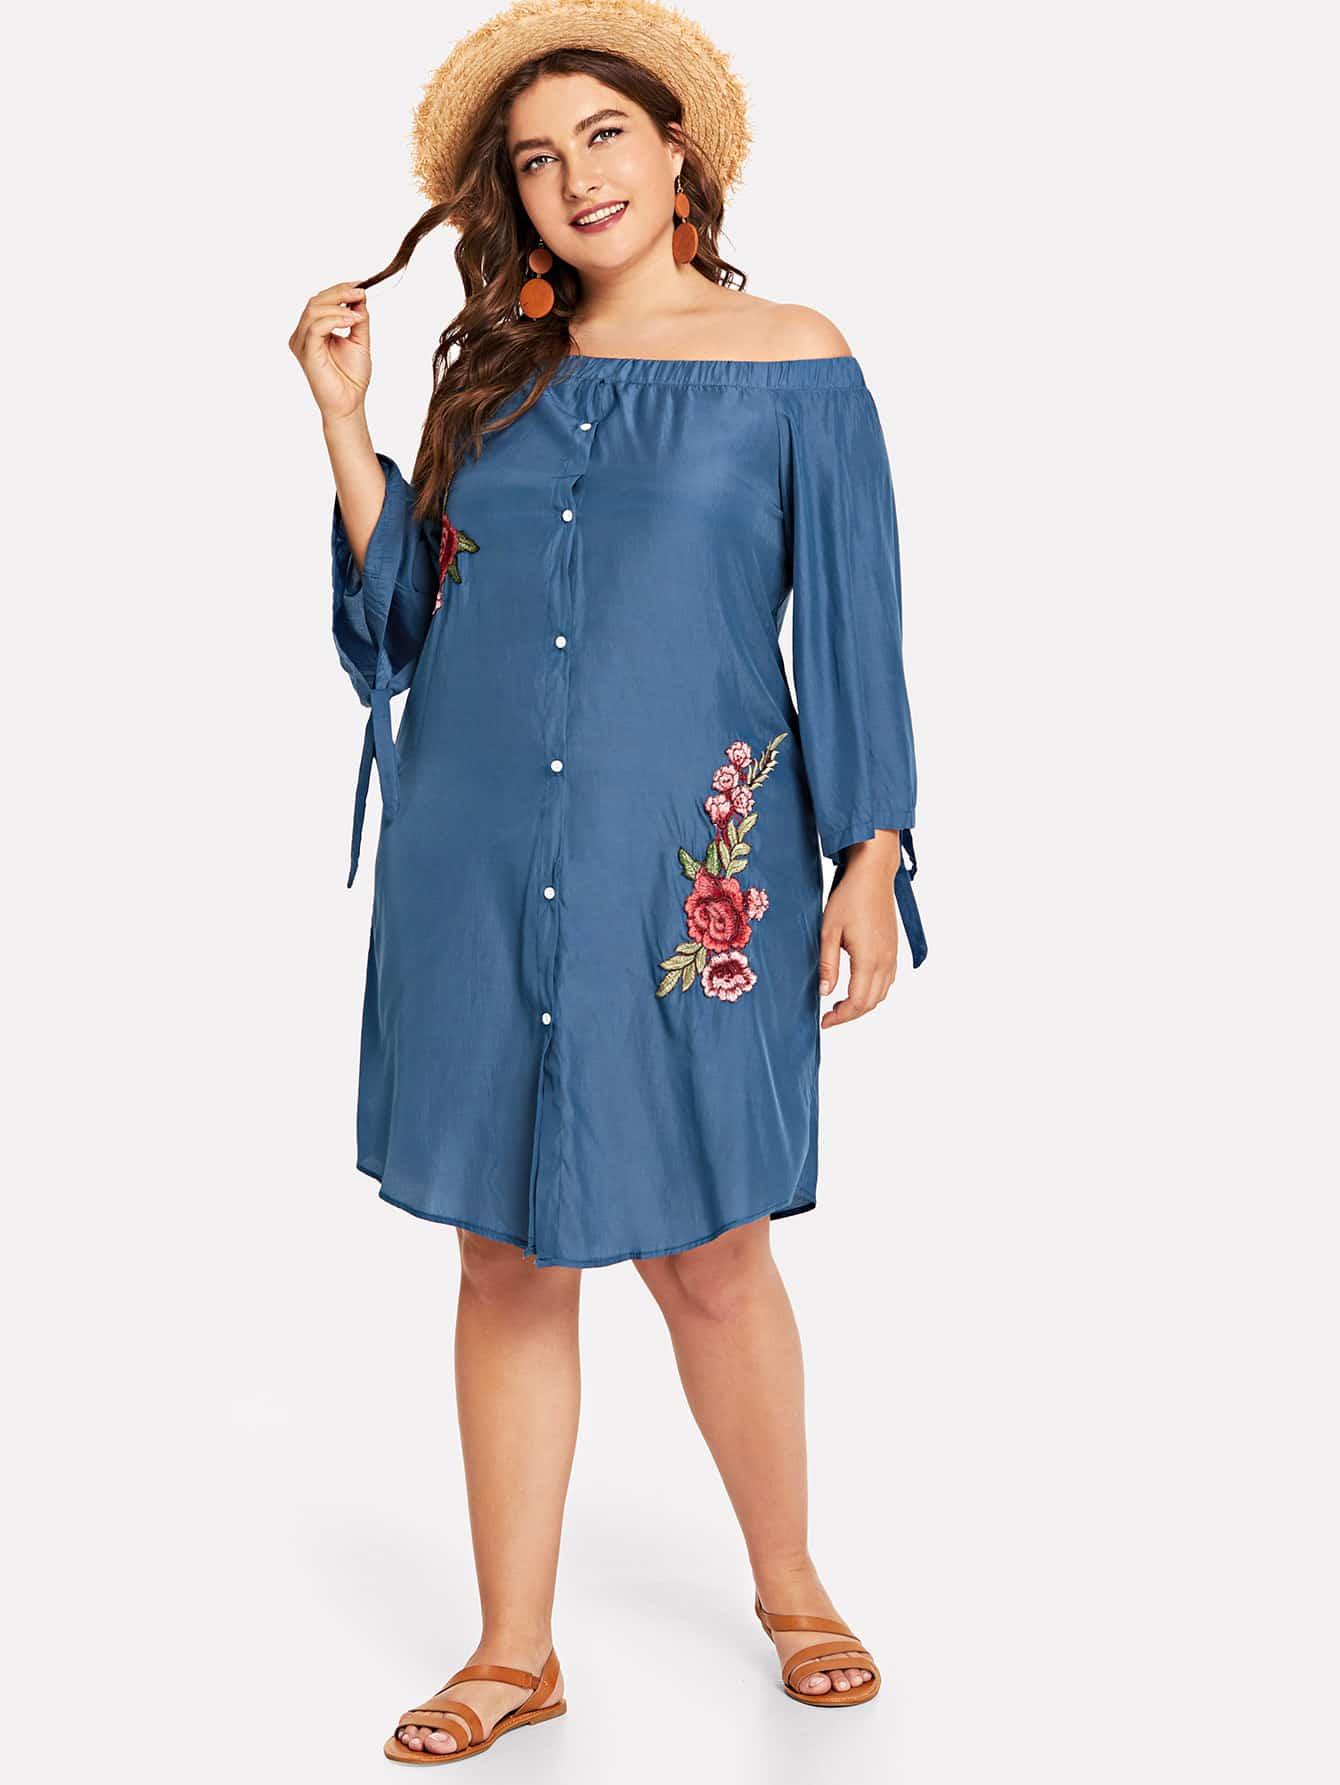 Купить Платье с широкими рукавами и аппликацией цветы, Franziska, SheIn